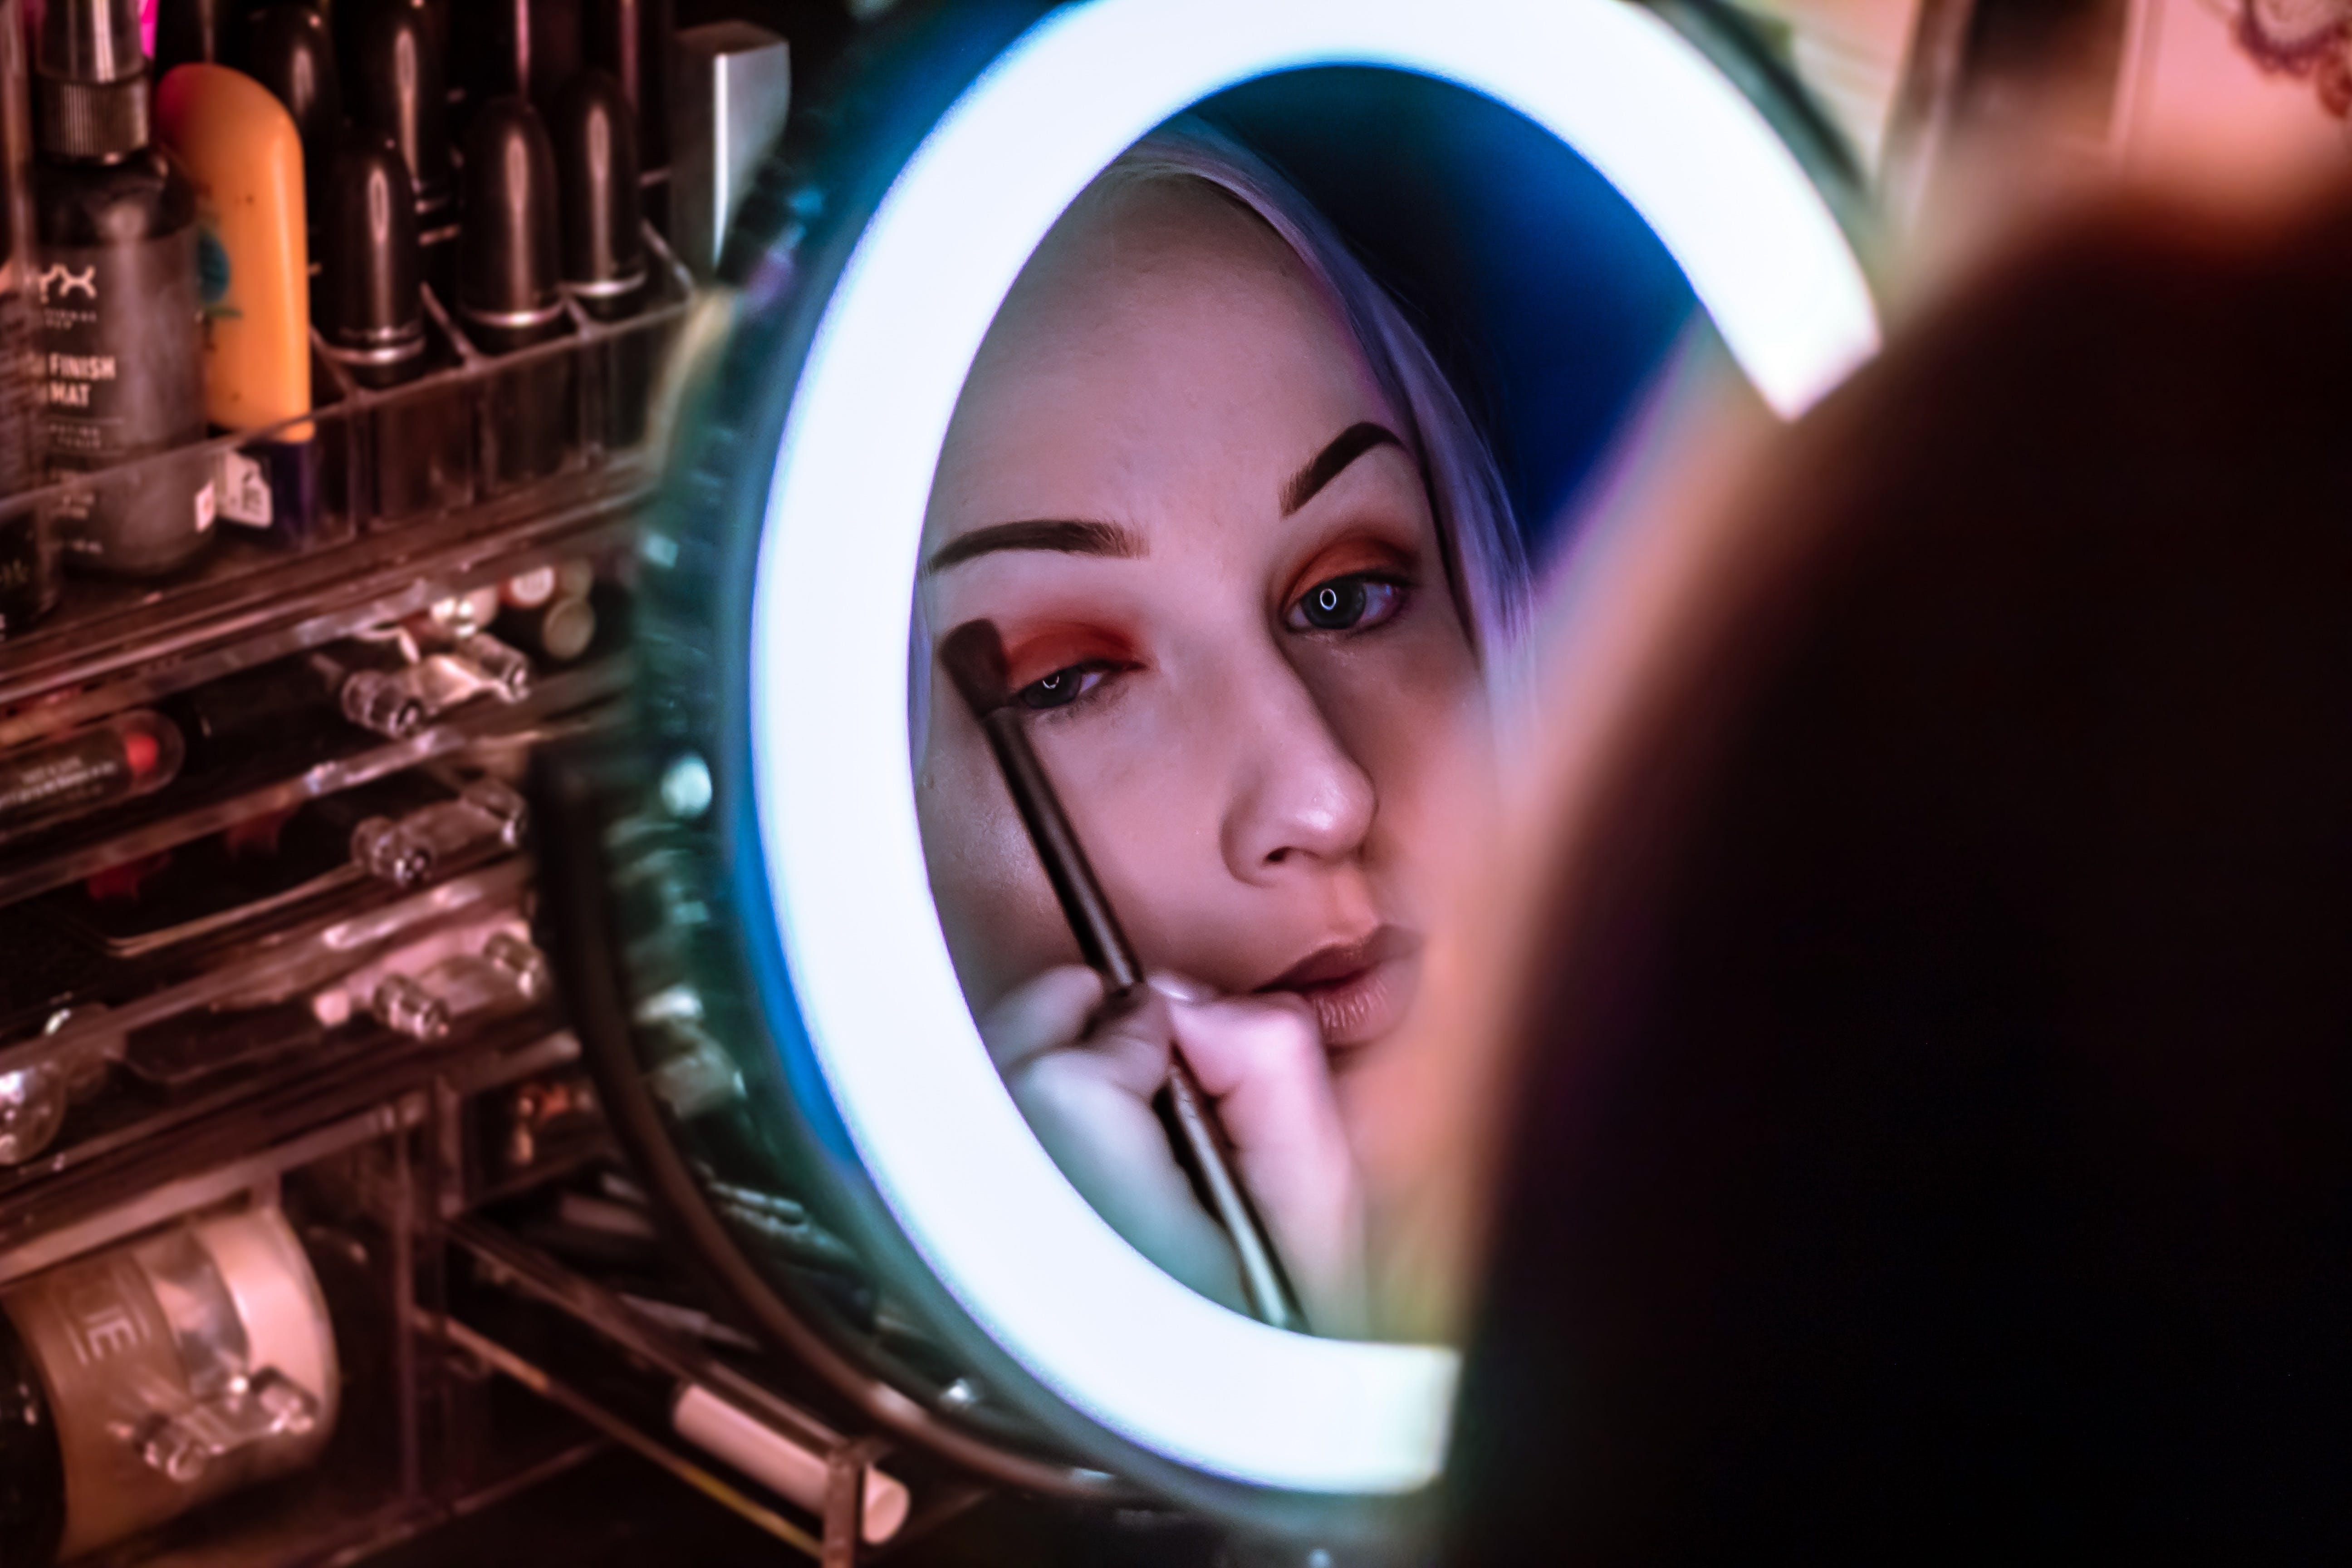 Woman Facing Mirror Applying Eyeshadow